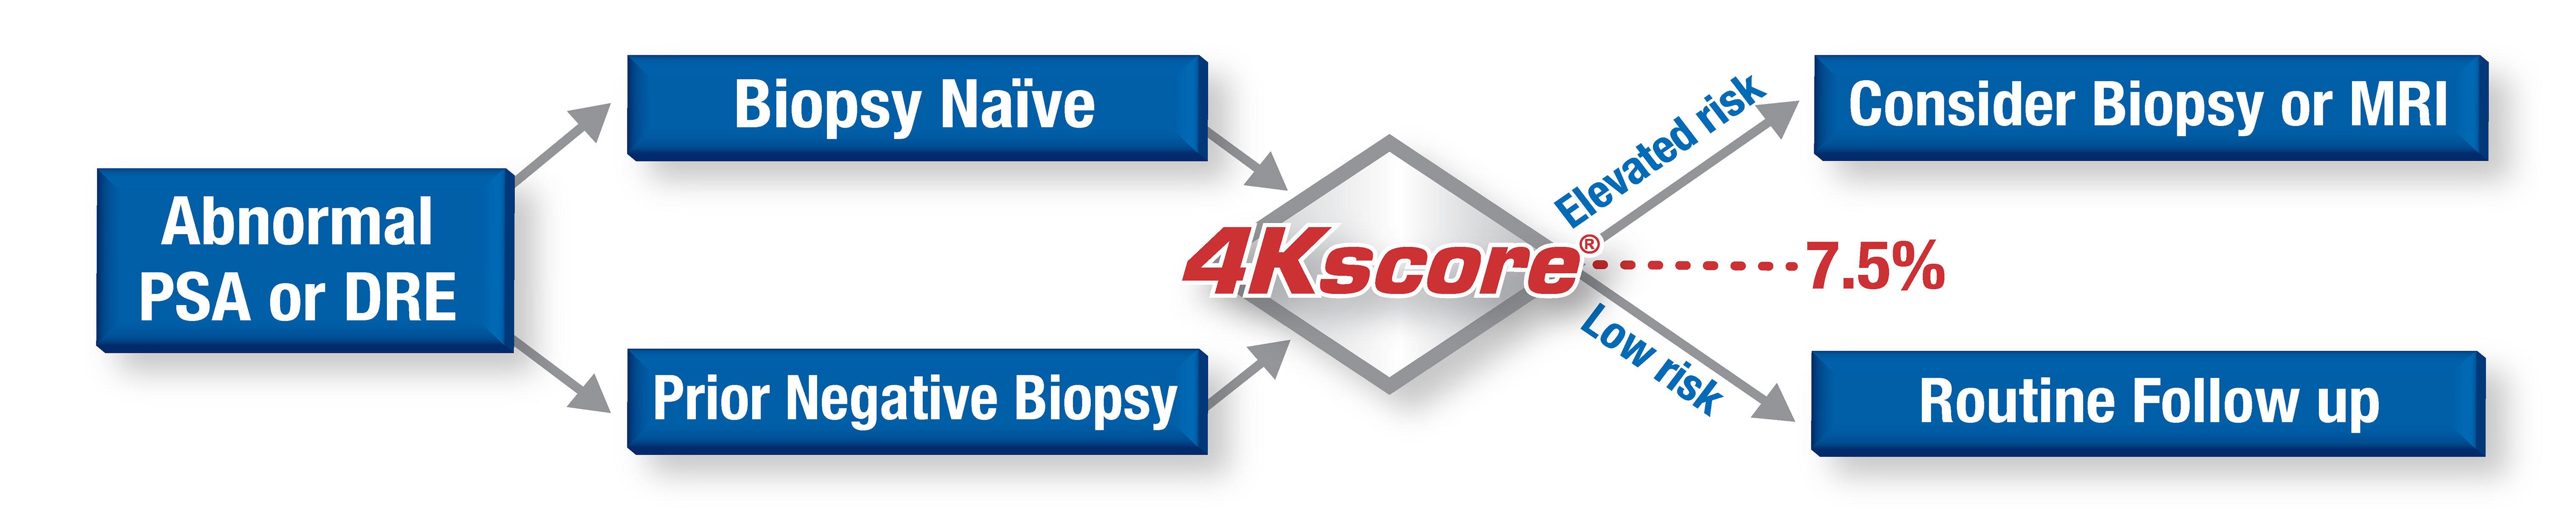 Diagrama de flujo: Un PSA o DRE anormal conduce a Primera biopsia o Biopsia negativa previa. Ambos conducen a 4Kscore. Conduce a Riesgo elevado y Considerar biopsia o MRI, o bien Riesgo bajo y Seguimiento de rutina